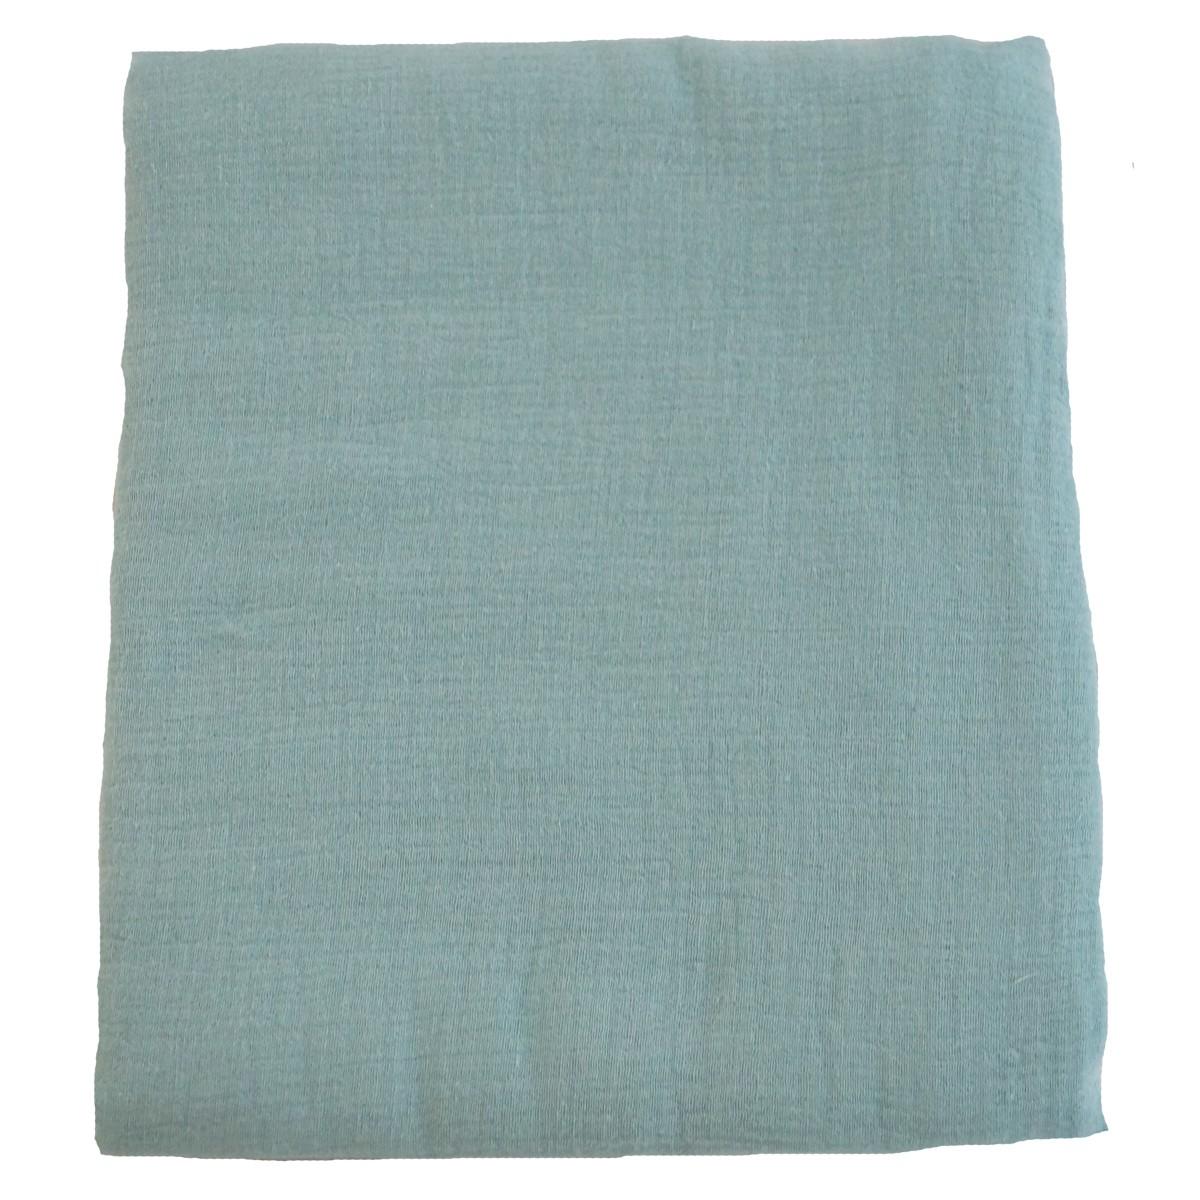 Housse en mousseline de coton pour tapis de jeux en mousse